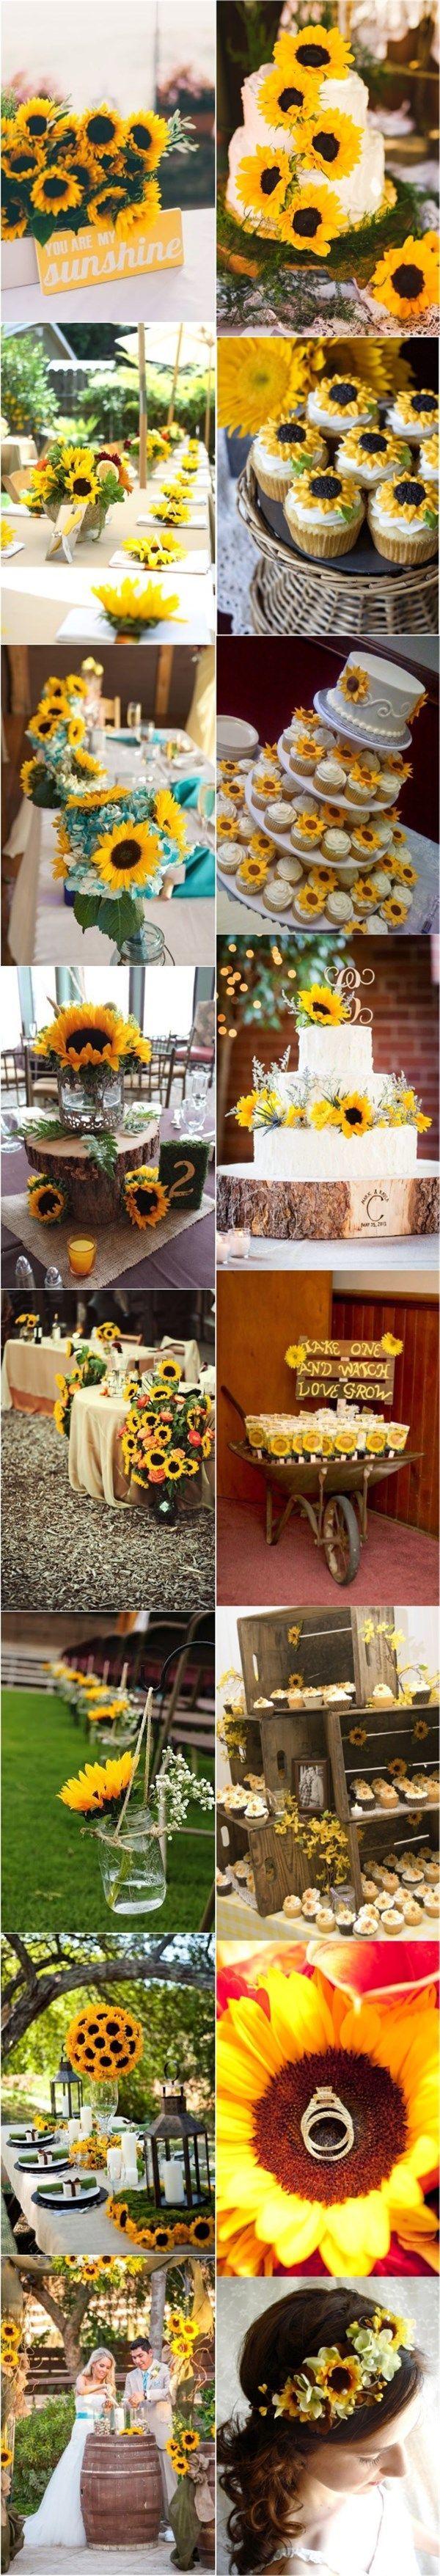 70+ Sunflower Wedding Ideas and Wedding Invitations